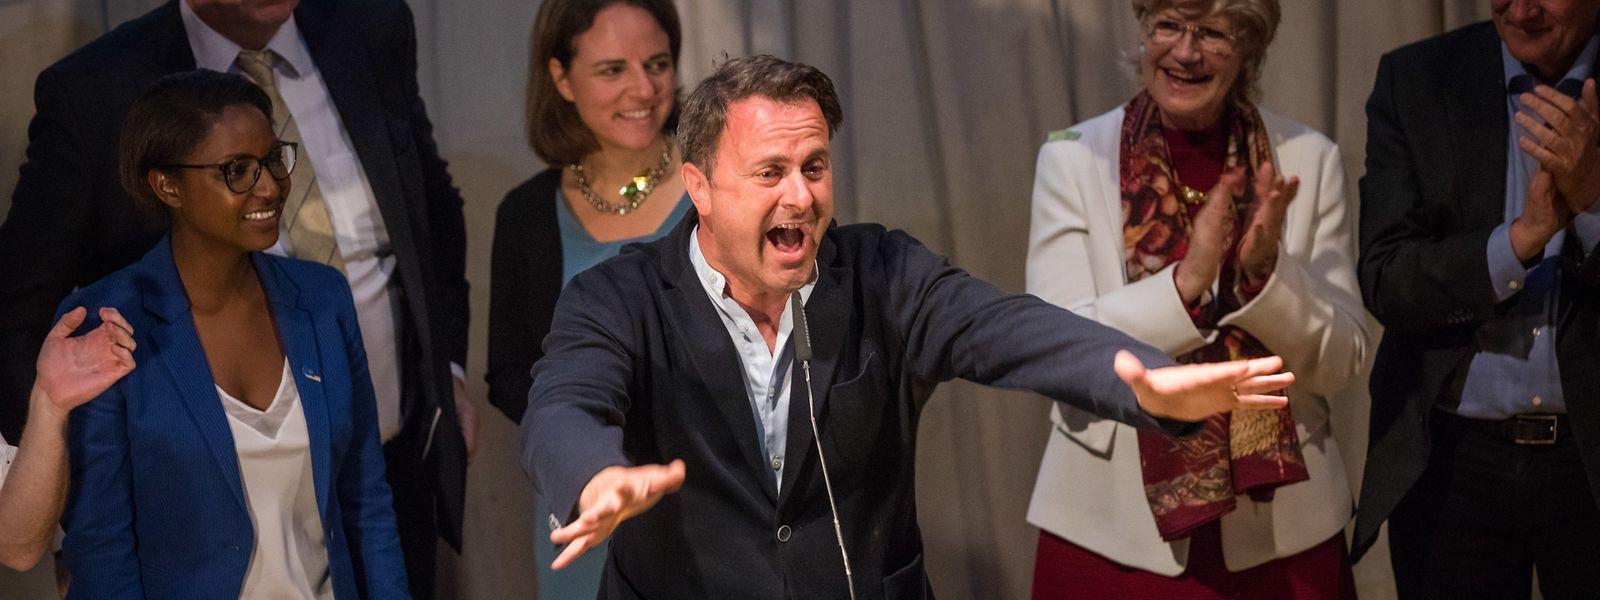 Xavier Bettel estava eufórico com a vitória do DP. Os liberais esperaram os resultados na discoteca Melusina.